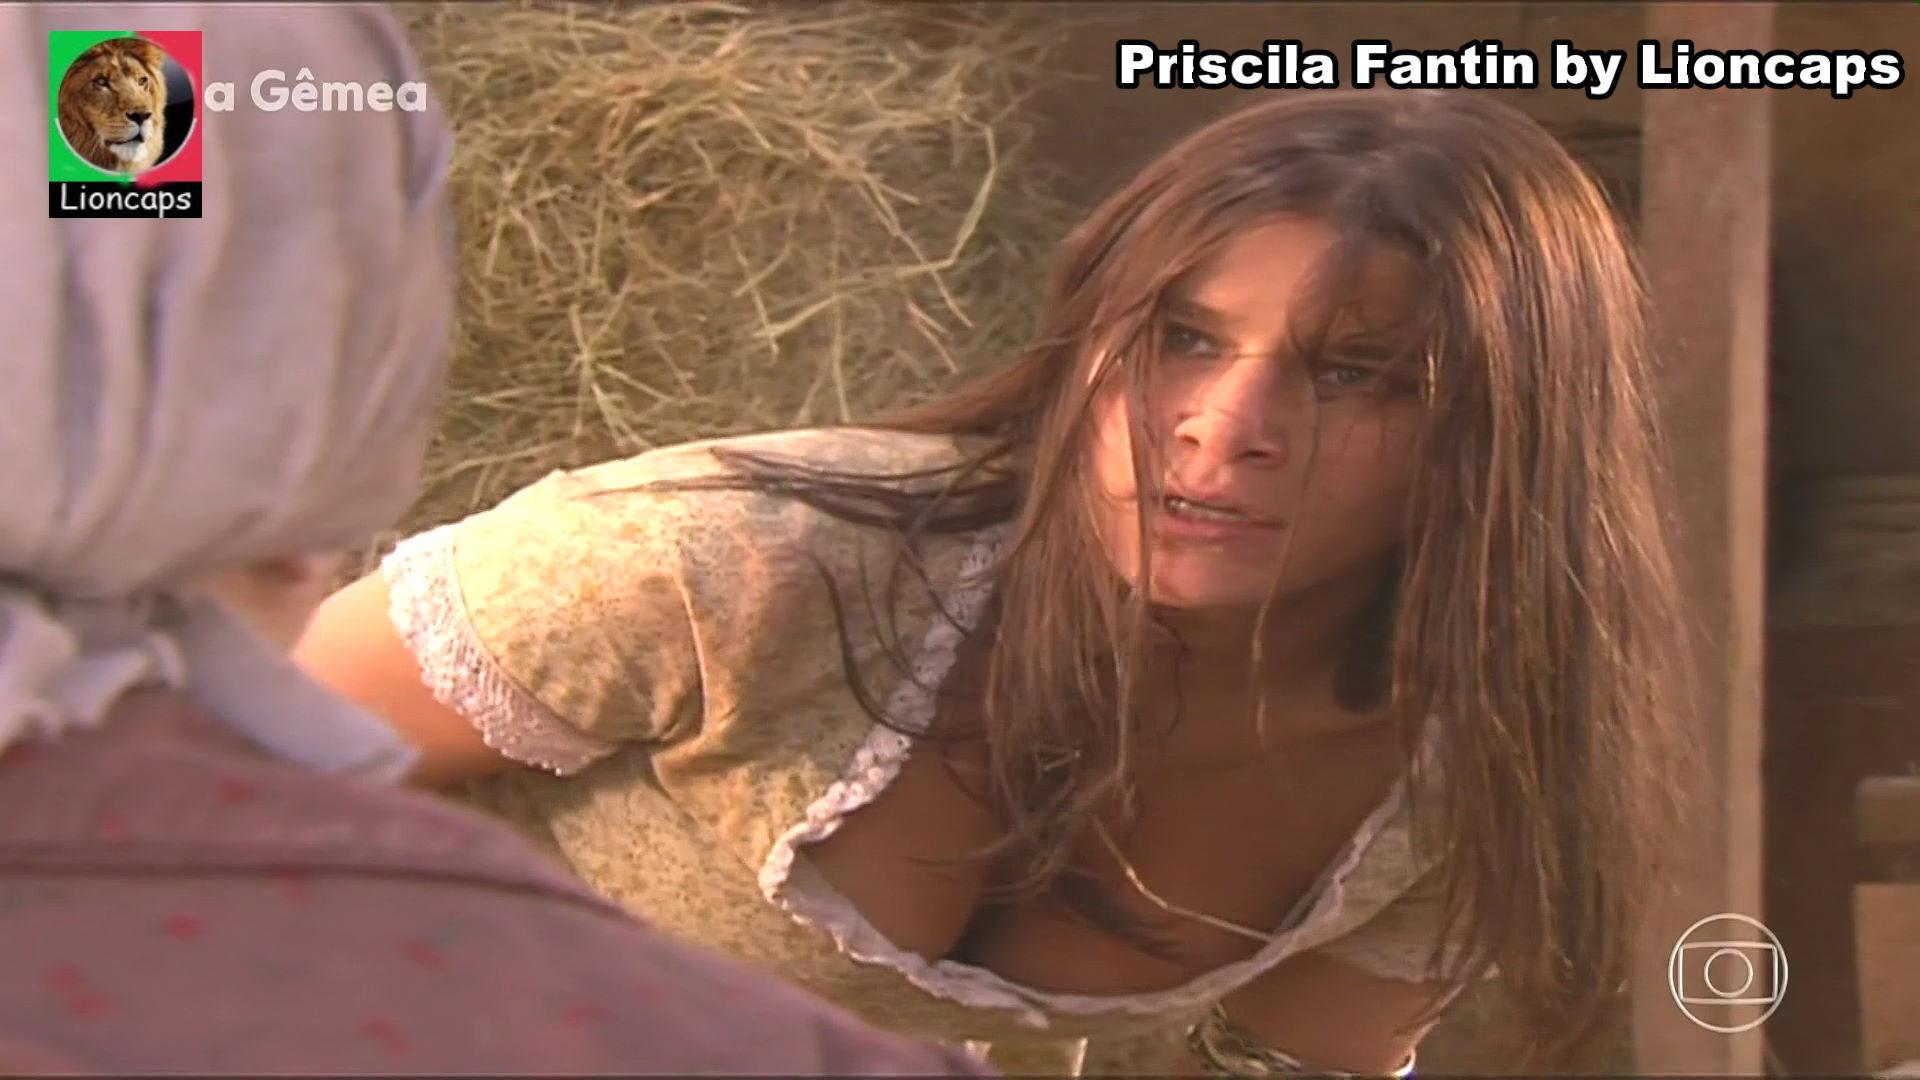 priscila_fantin_vs200427-035 (10).JPG